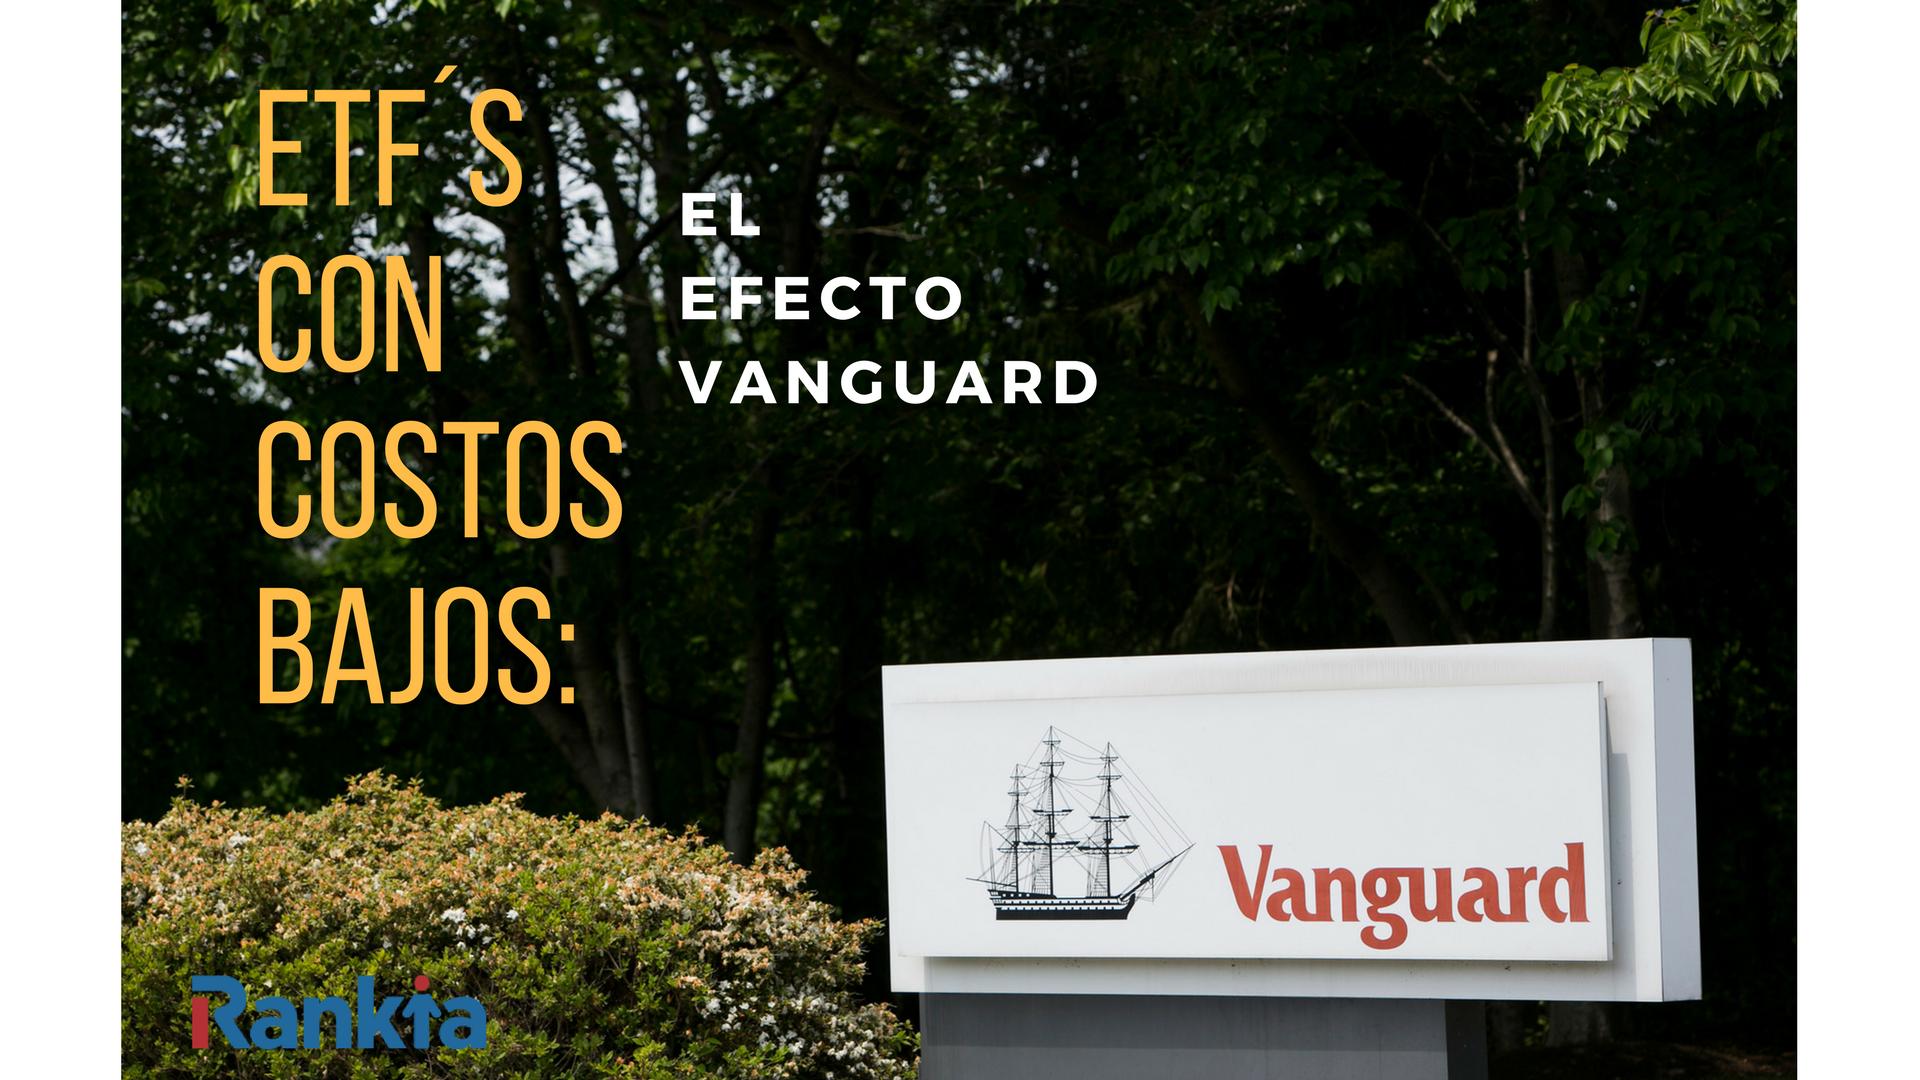 ETF´s con costos bajos: El Efecto Vanguard.